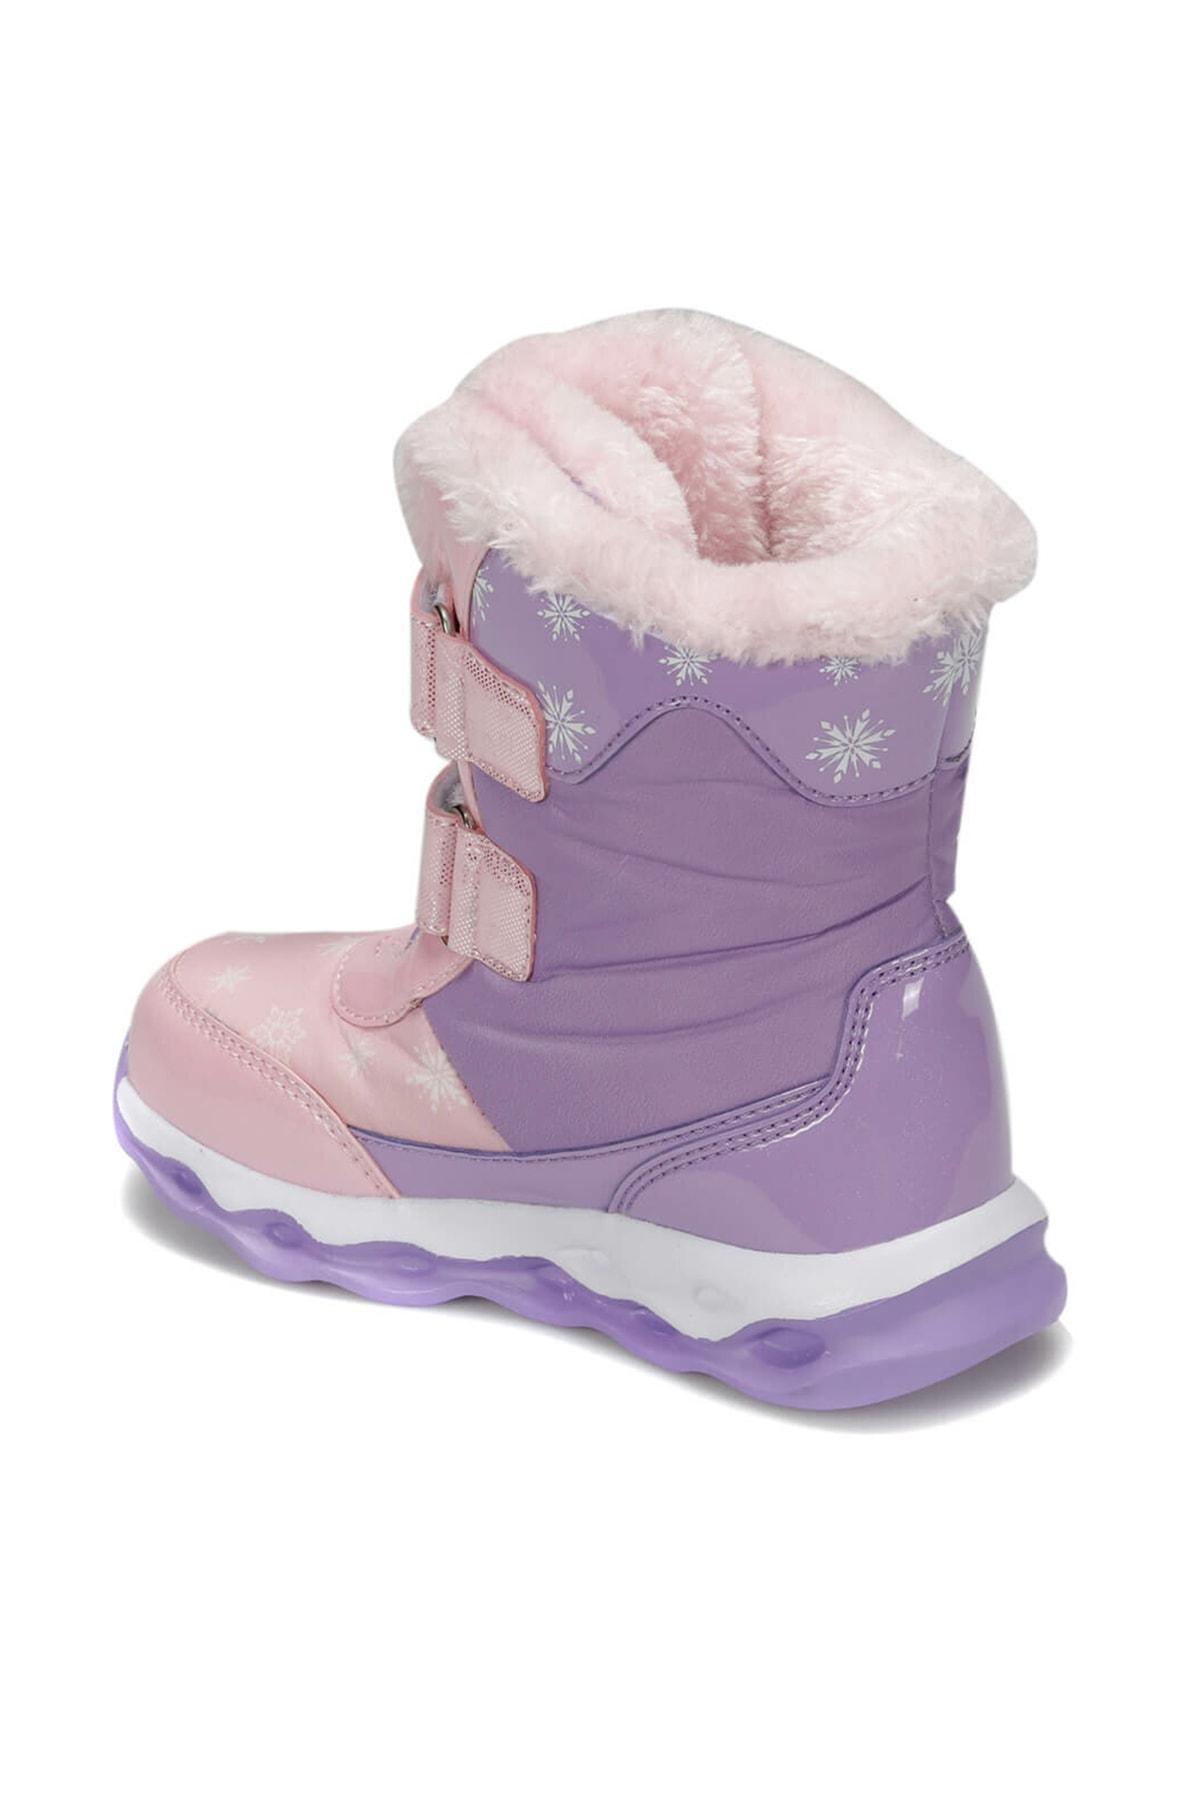 Frozen 92.OLY.P Mor Kız Çocuk Kar Botu 100406178 2